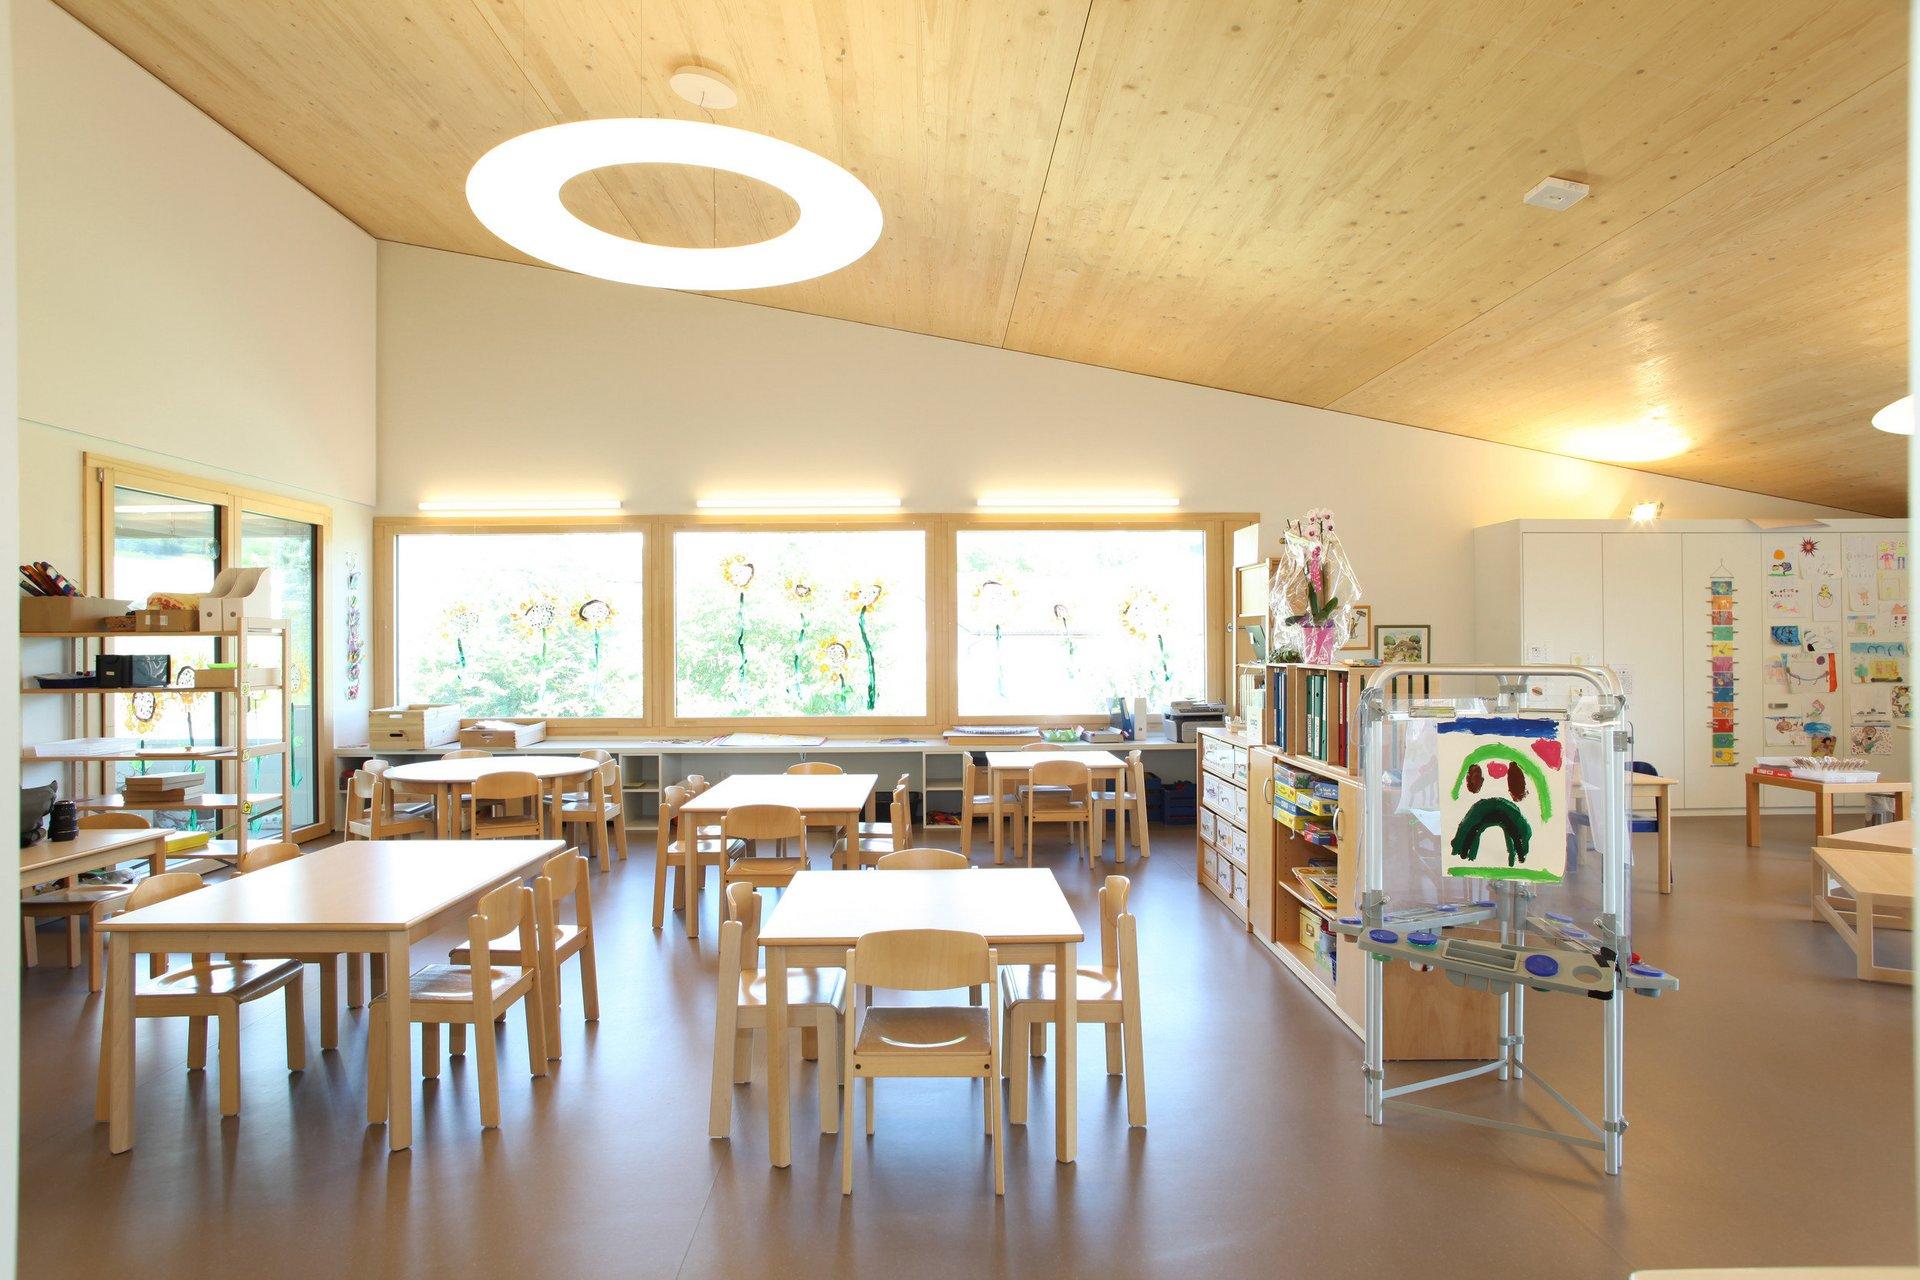 Lichtdurchflutetes Kindergartenzimmer mit 3 grossen Fenster